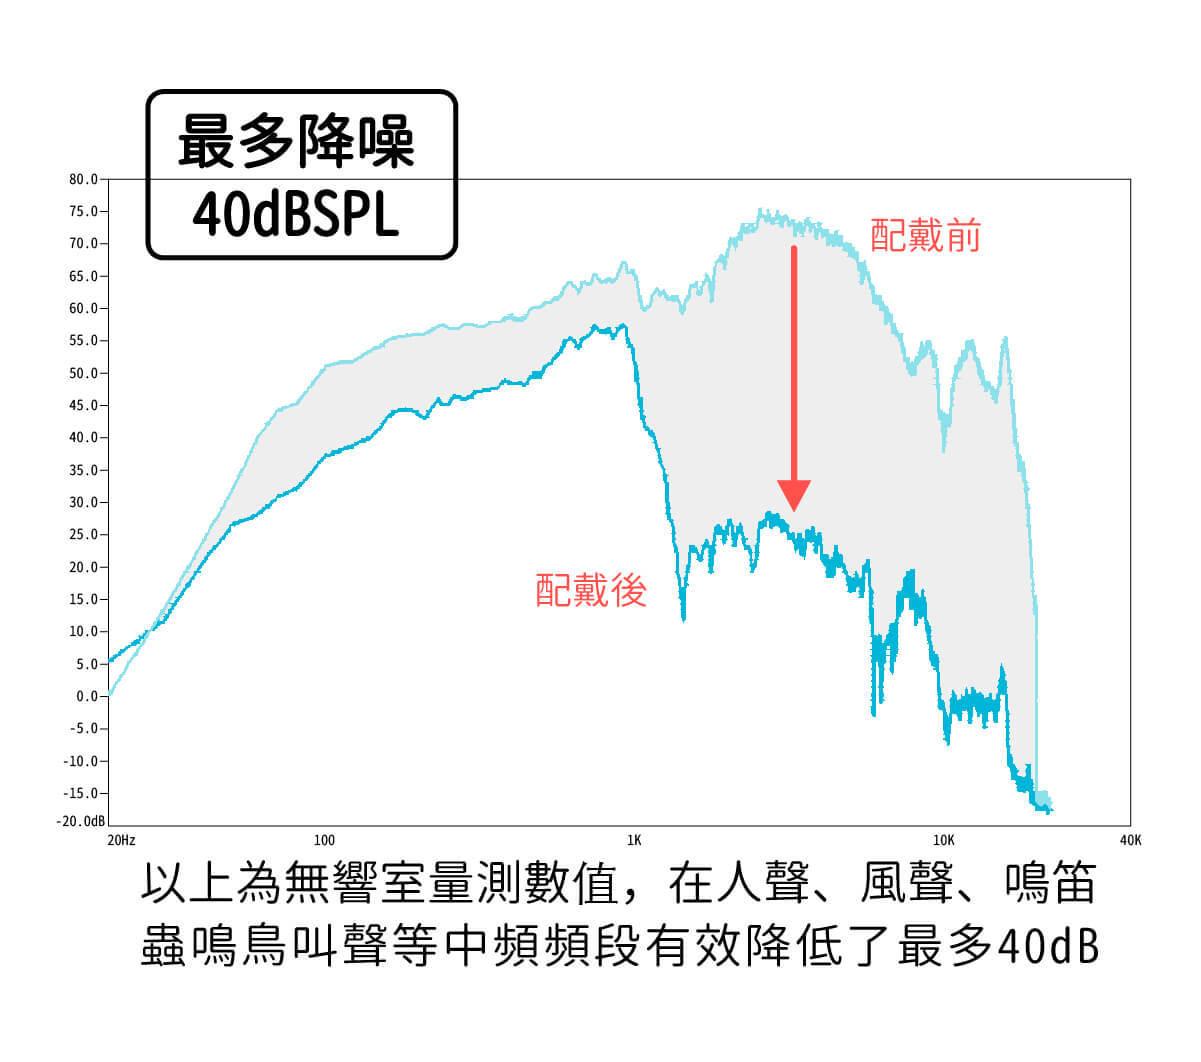 史上最舒適的降噪耳塞-耳舒適,最多可降噪40dBSPL